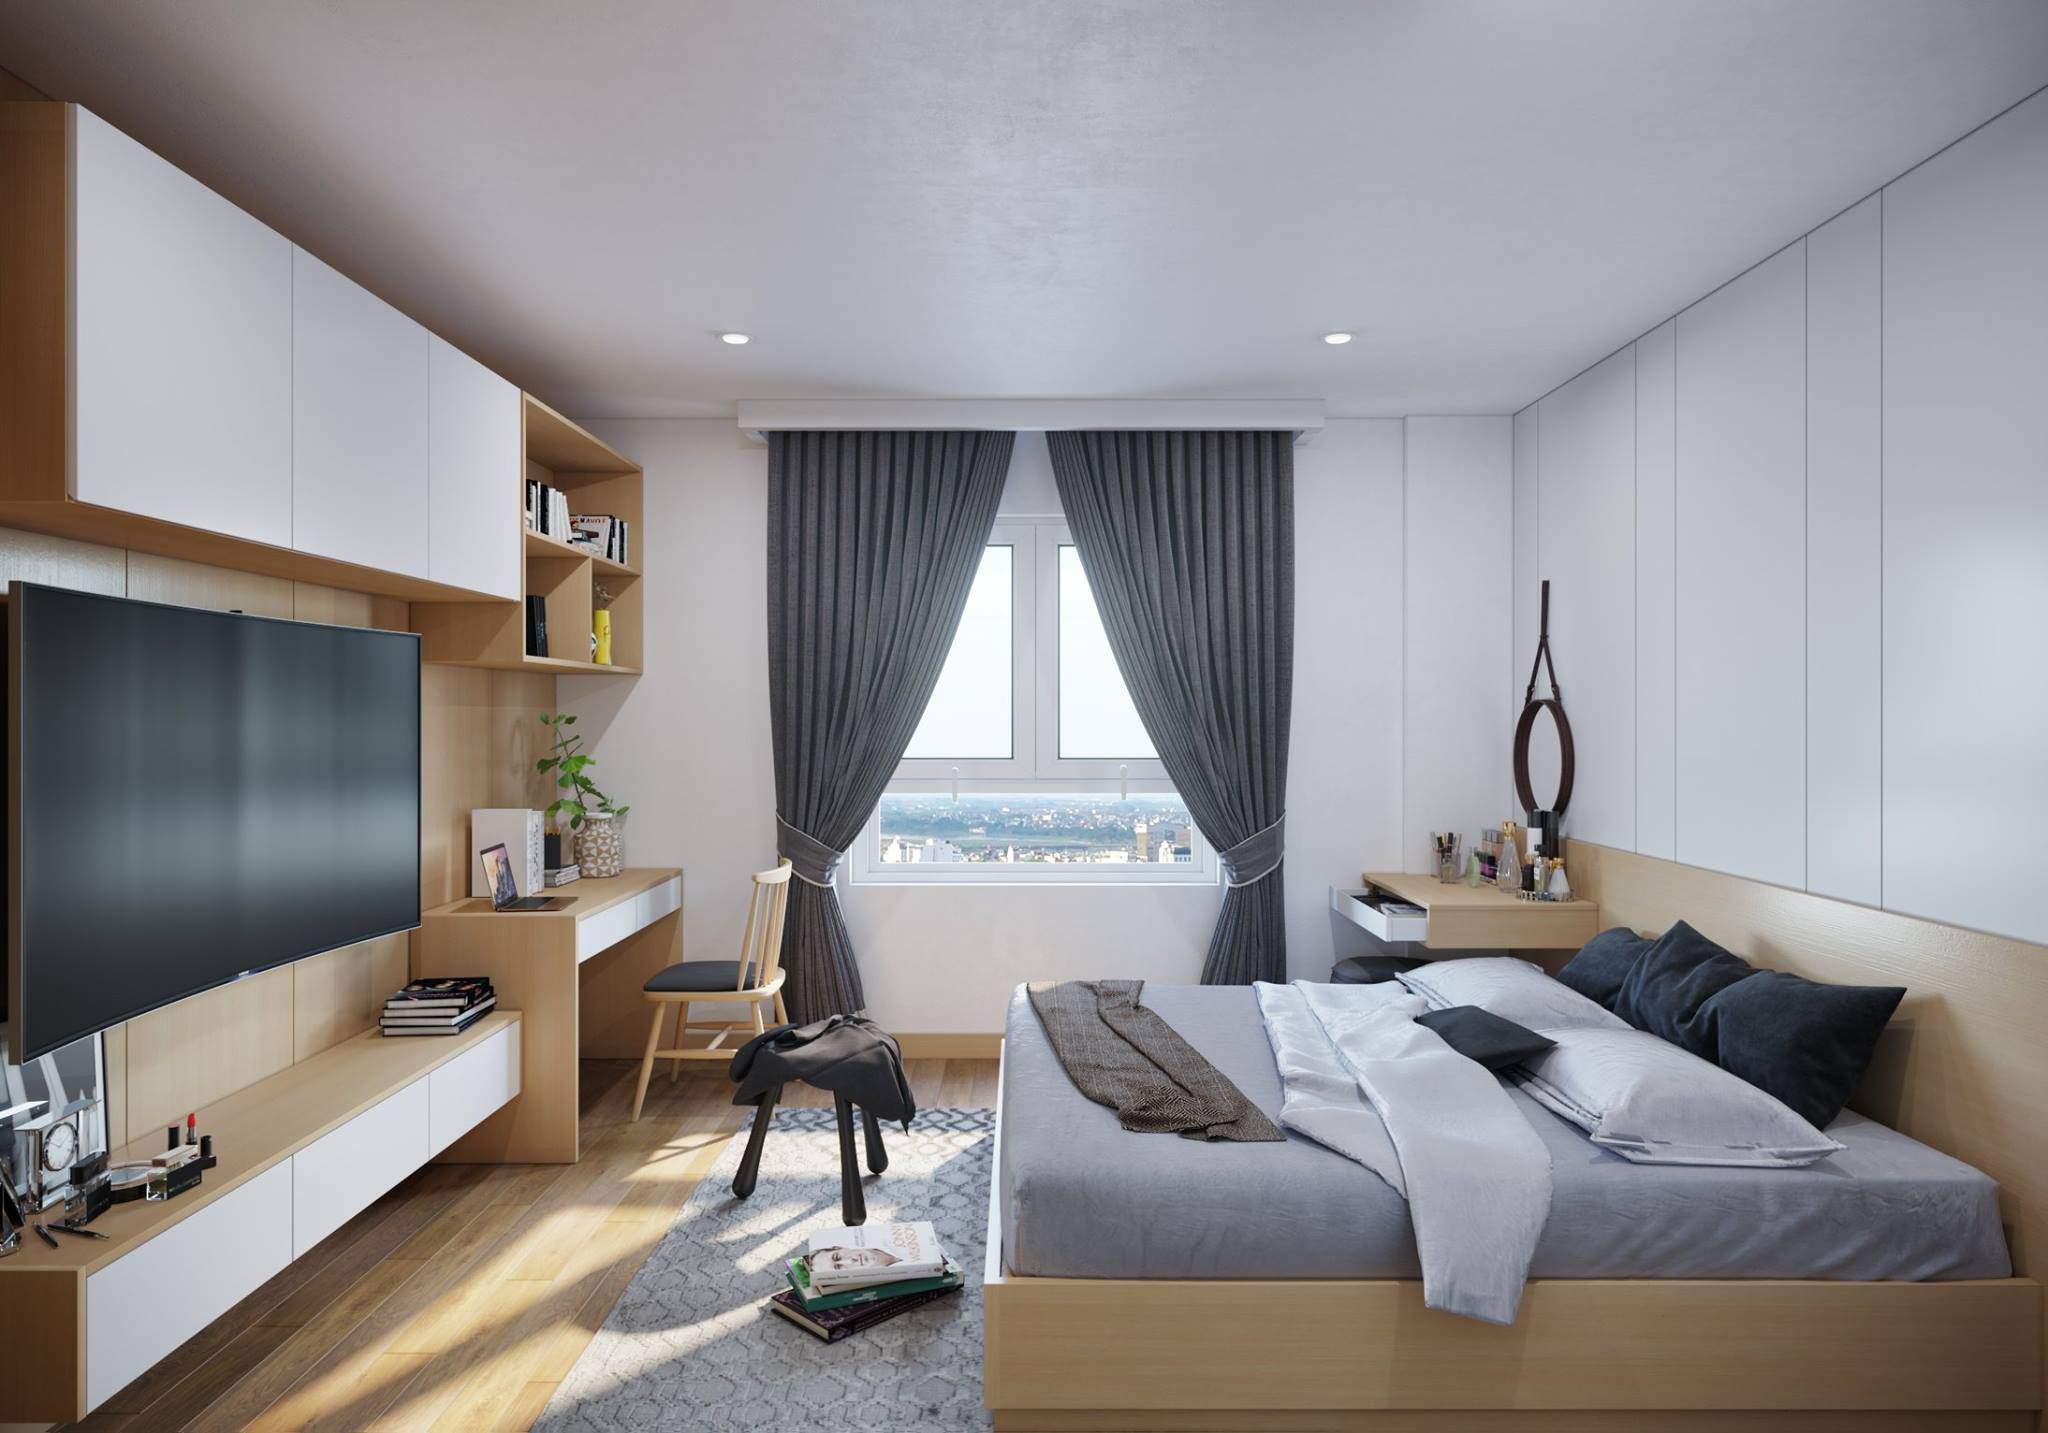 Thiết kế phòng ngủ nhỏ đẹp với gam màu hài hòa